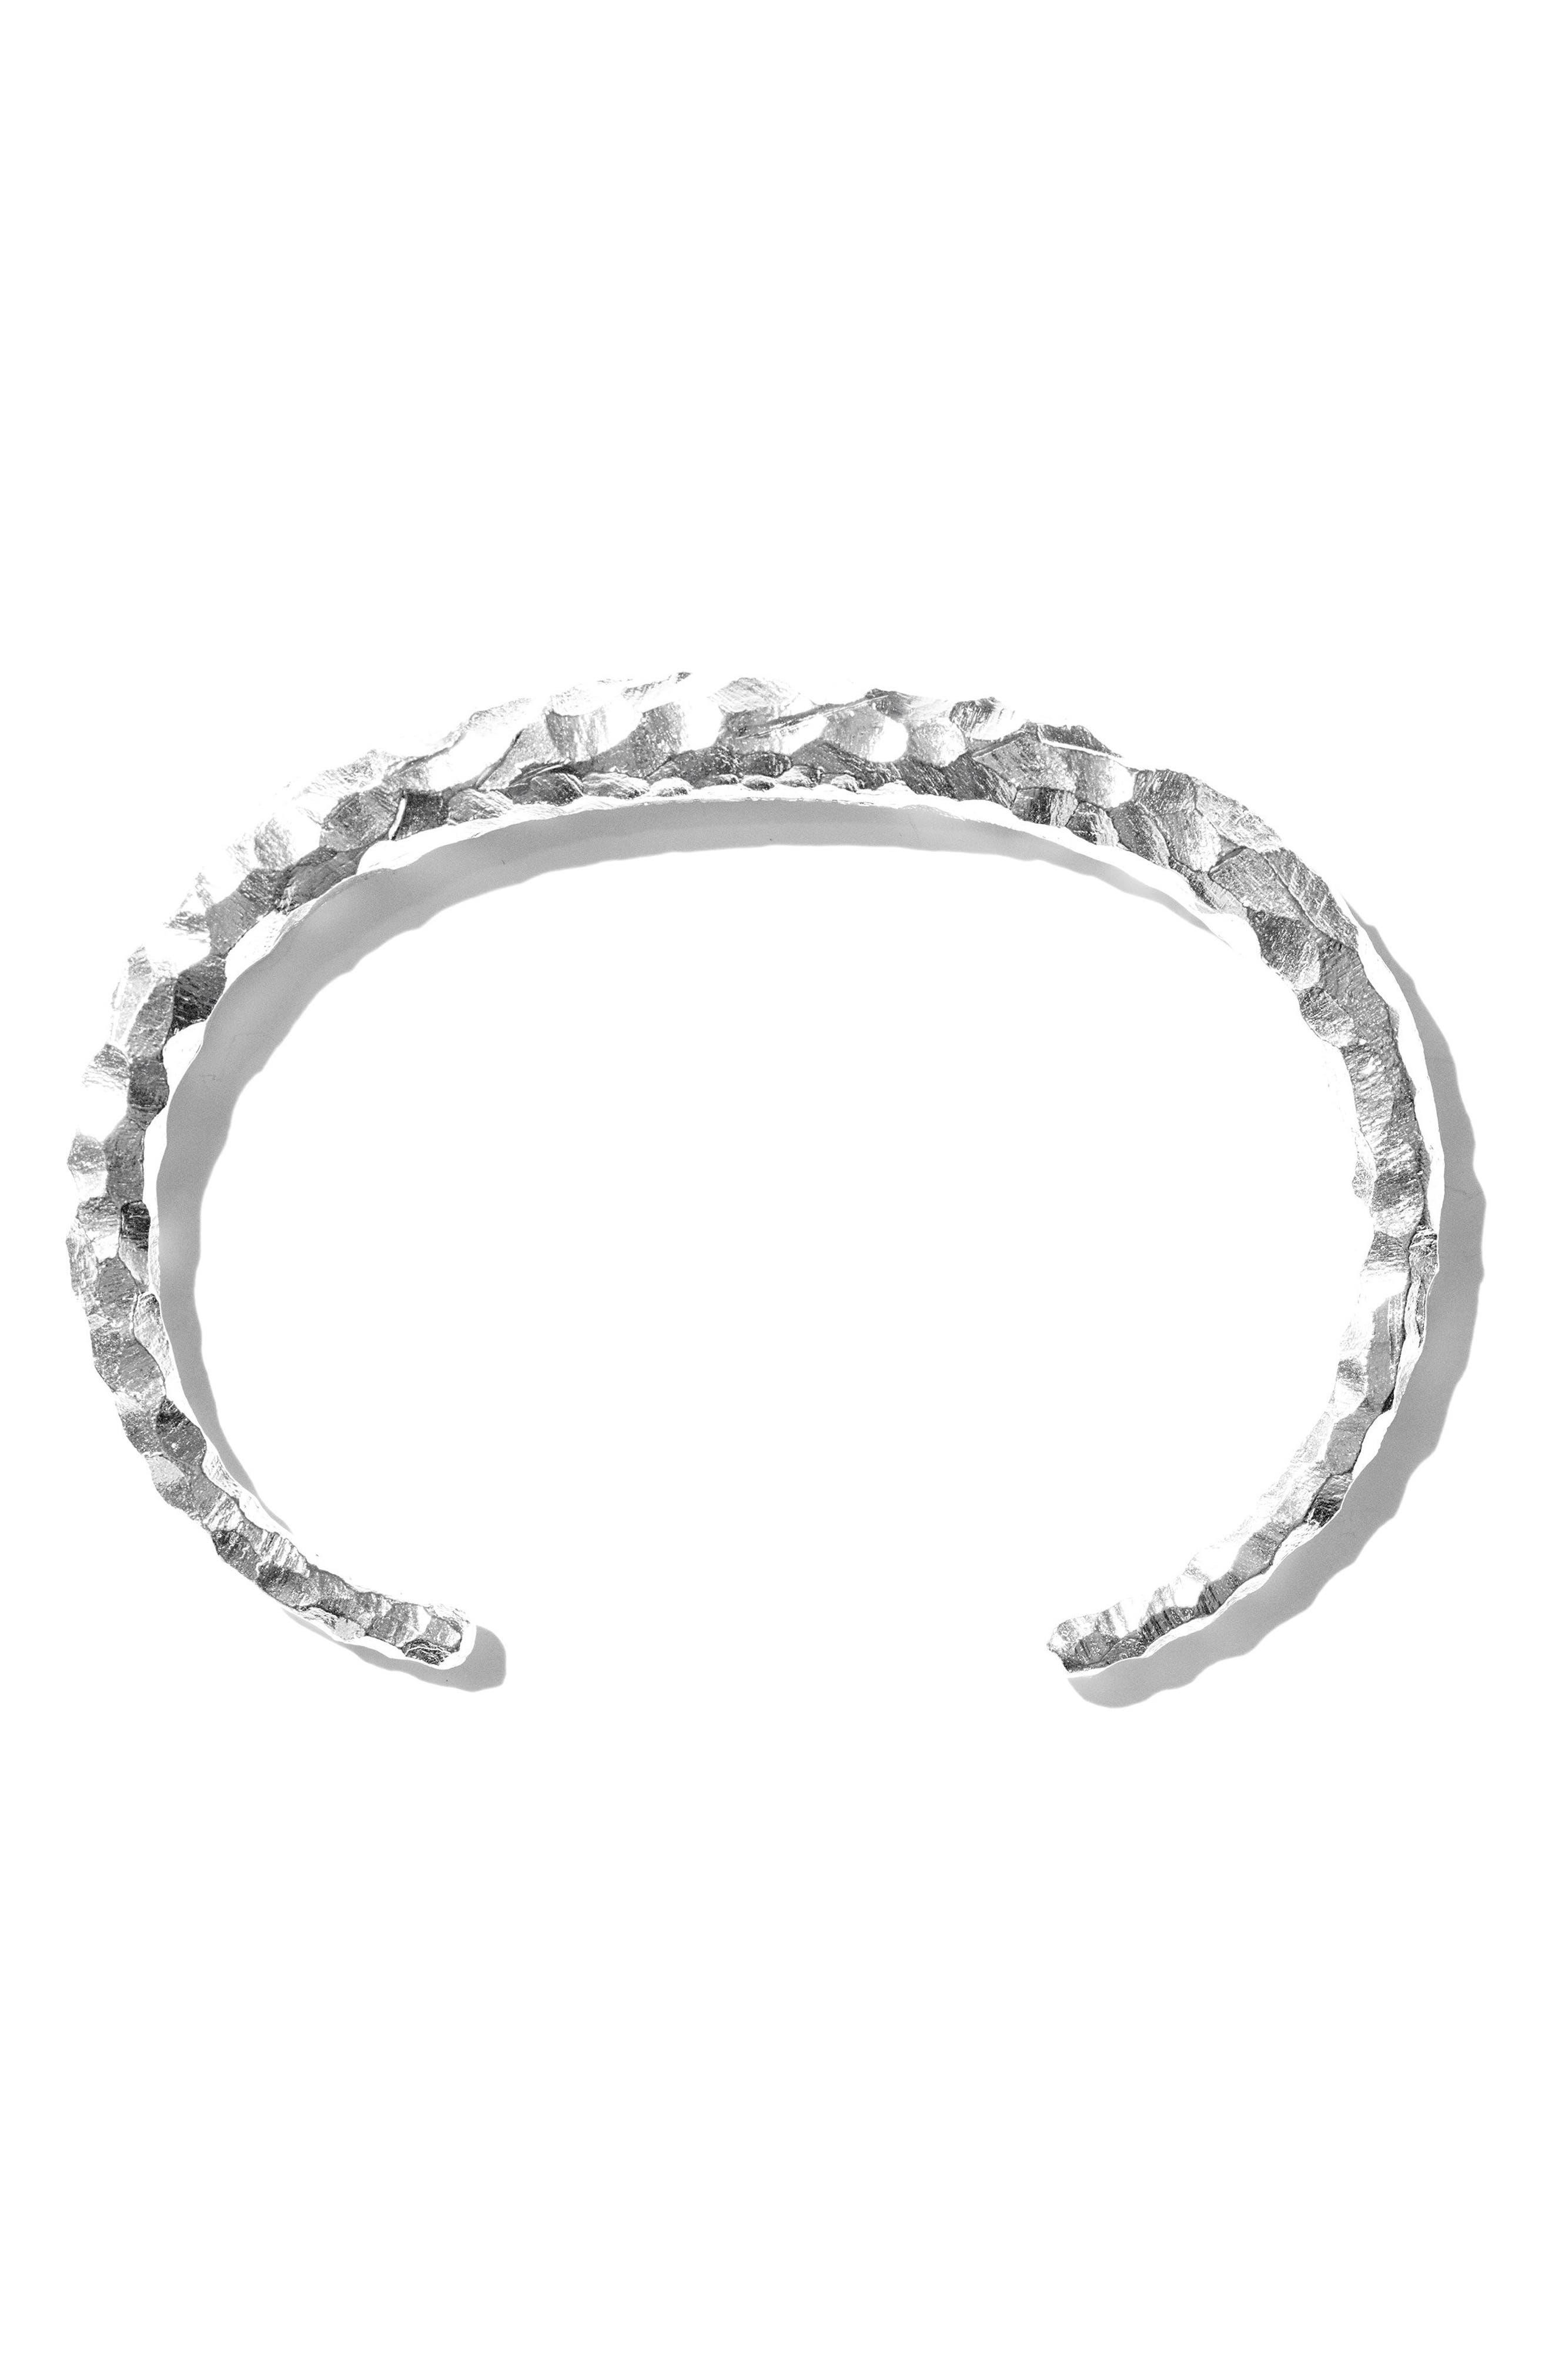 Large Snake Carved Silver Bracelet,                             Alternate thumbnail 2, color,                             CARVED SILVER